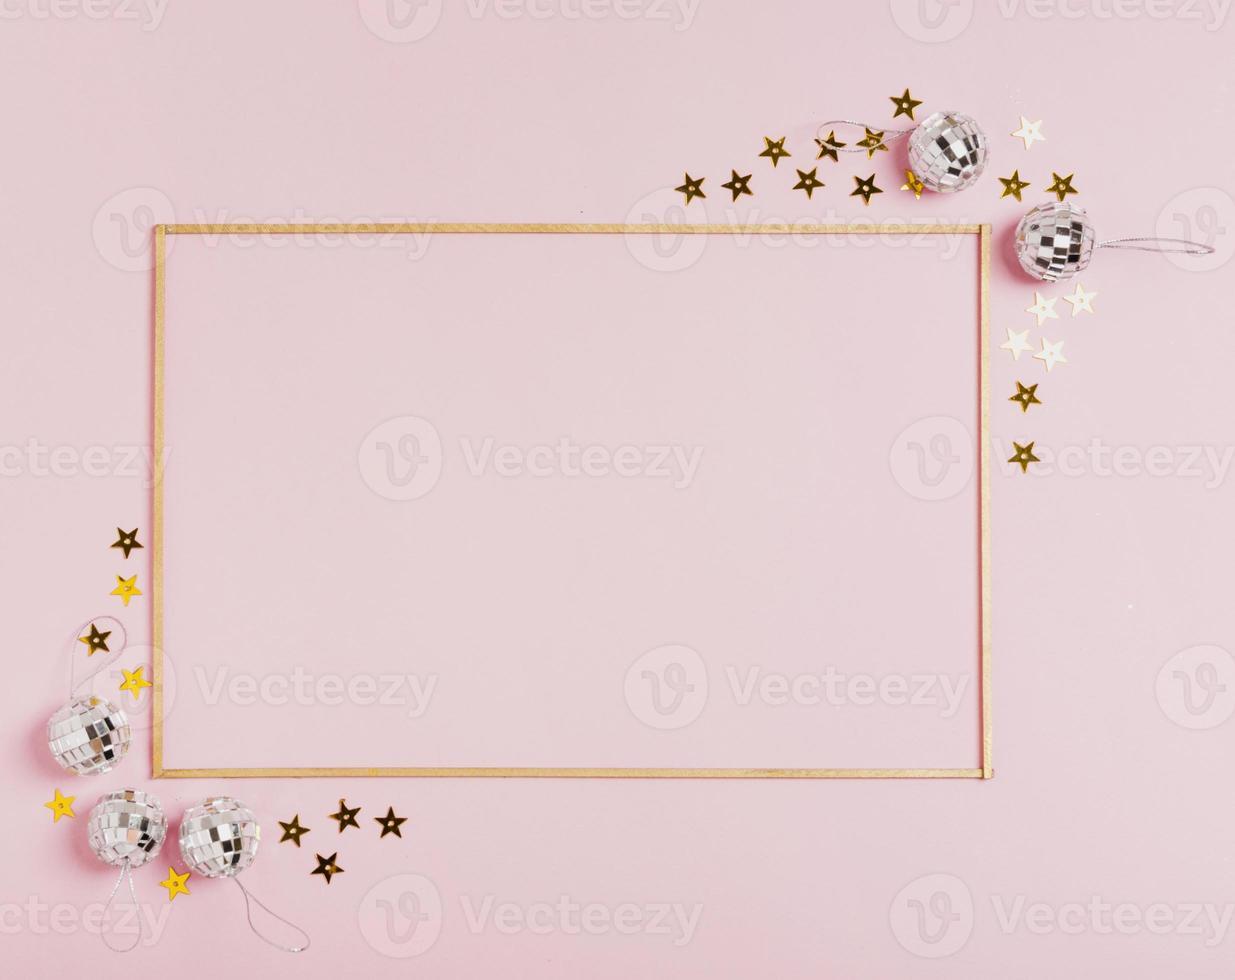 schattig frame met kerstballen op roze achtergrond foto